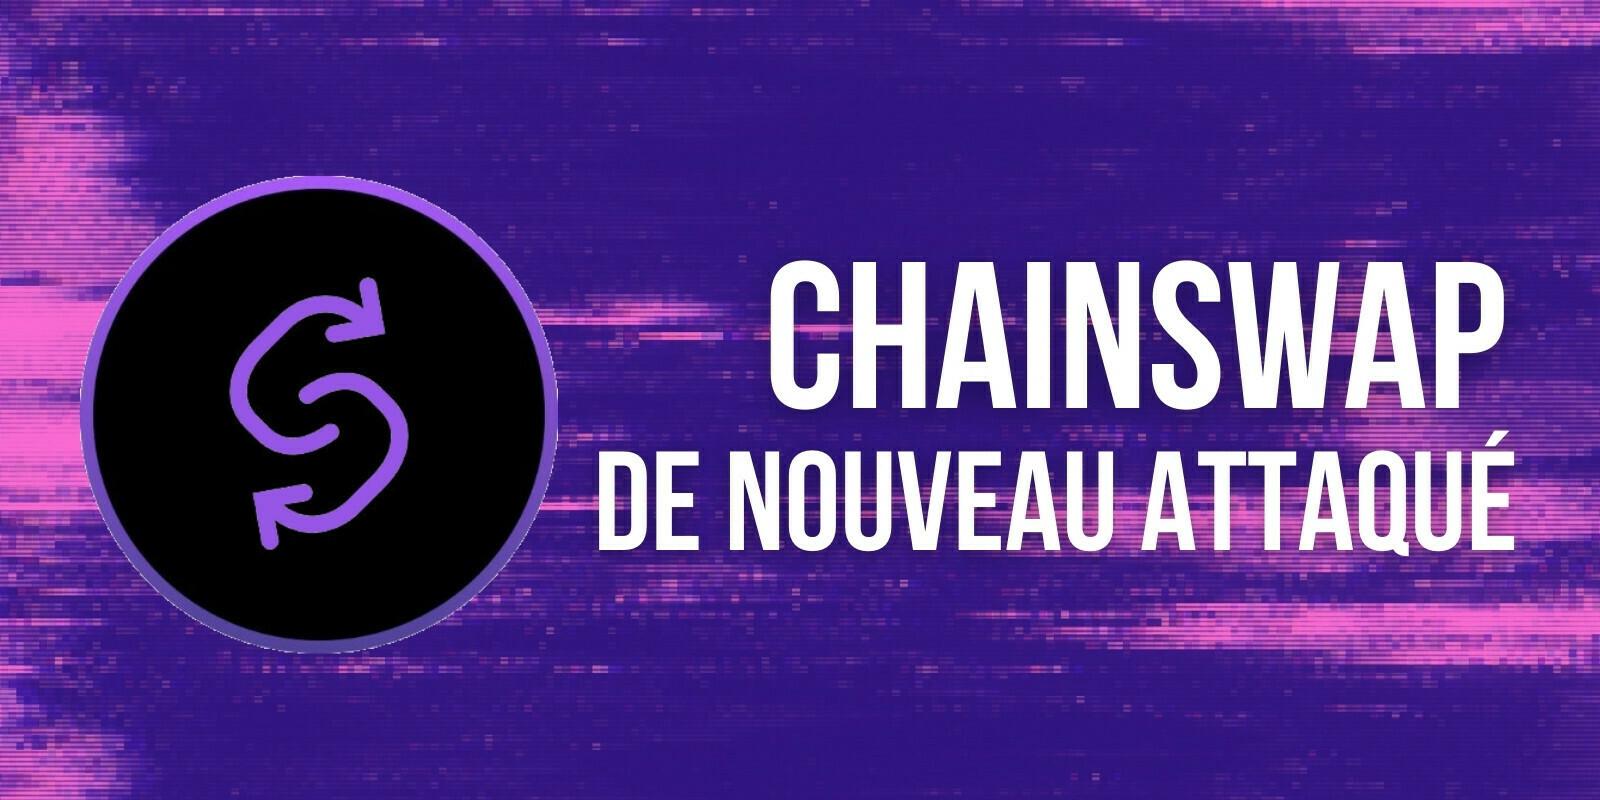 ChainSwap victime d'une seconde attaque en dix jours – Les cours des tokens dégringolent